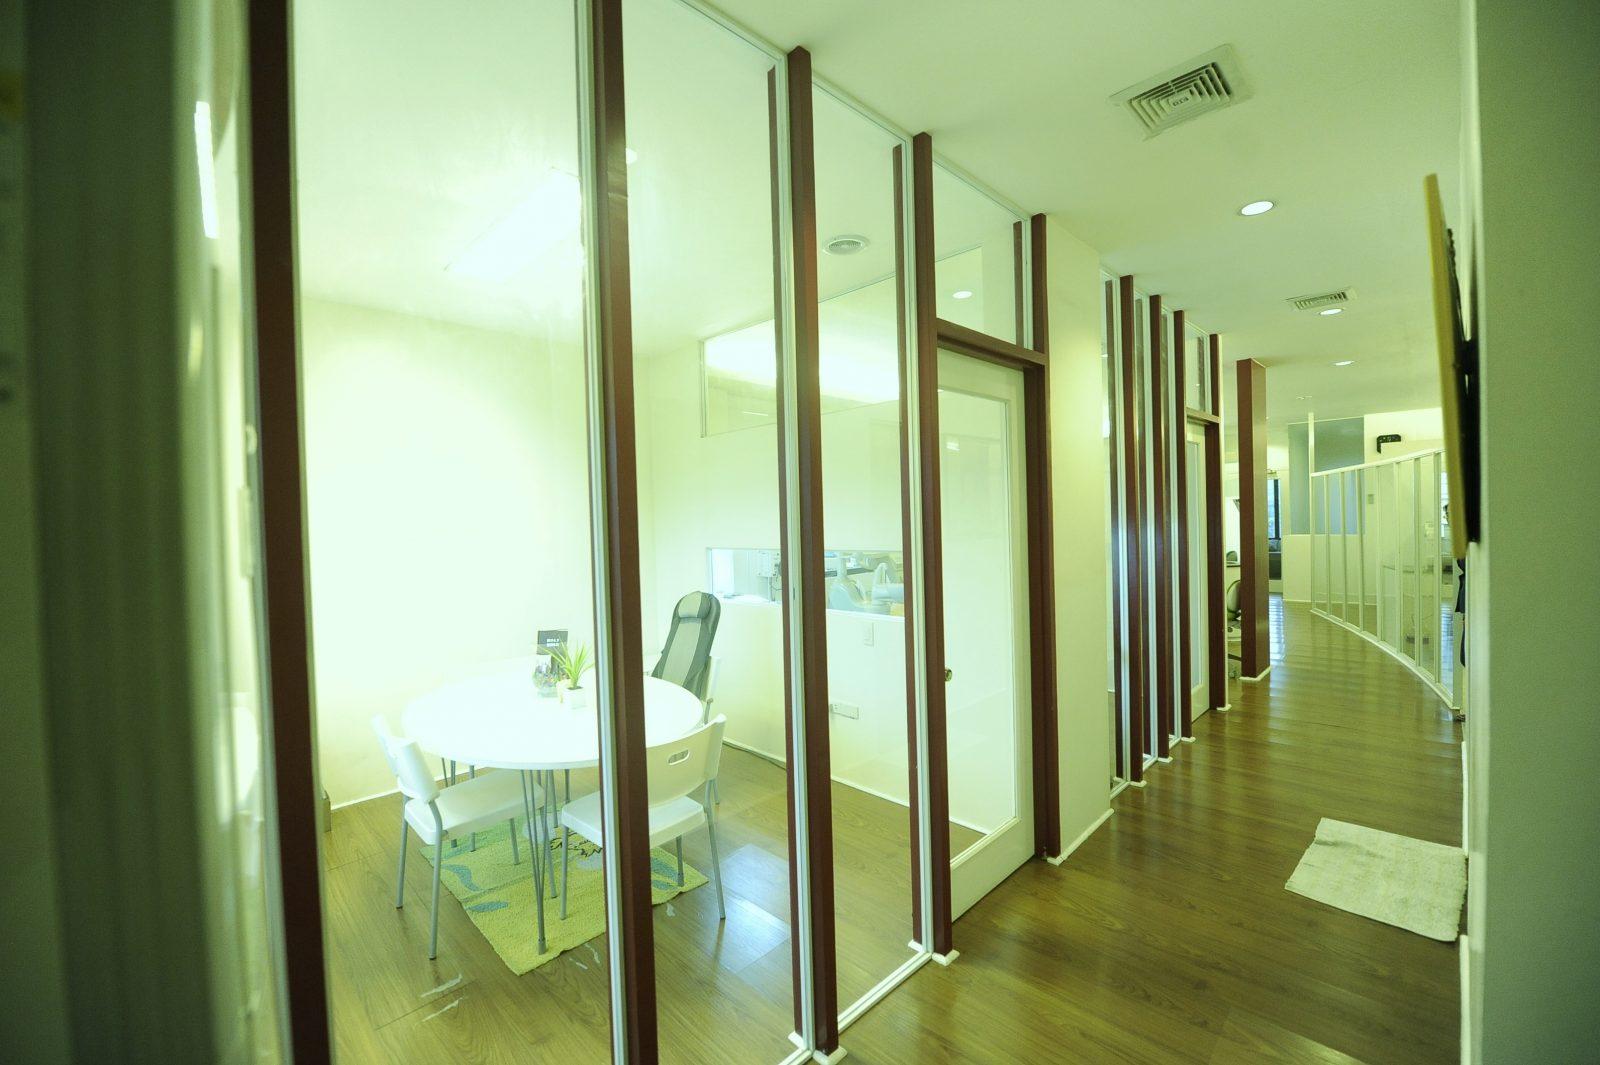 Lim Dental Conference Room